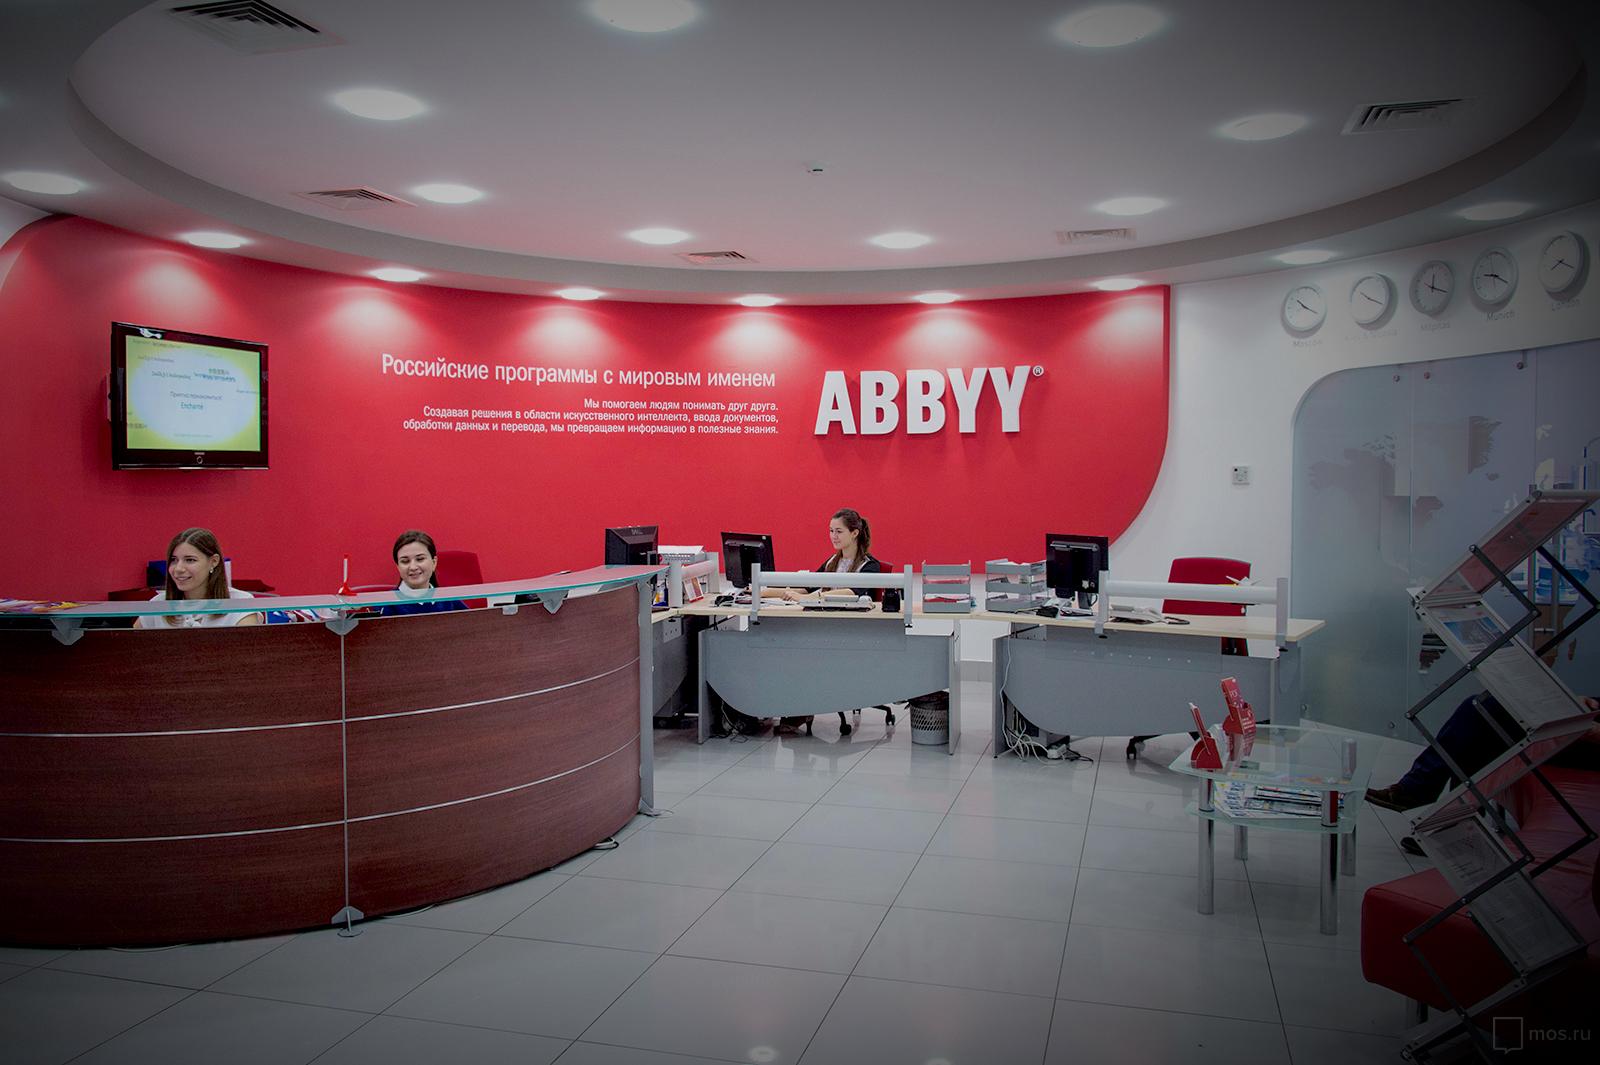 Abbyy leaked 203,000 sensitive customer documents in server